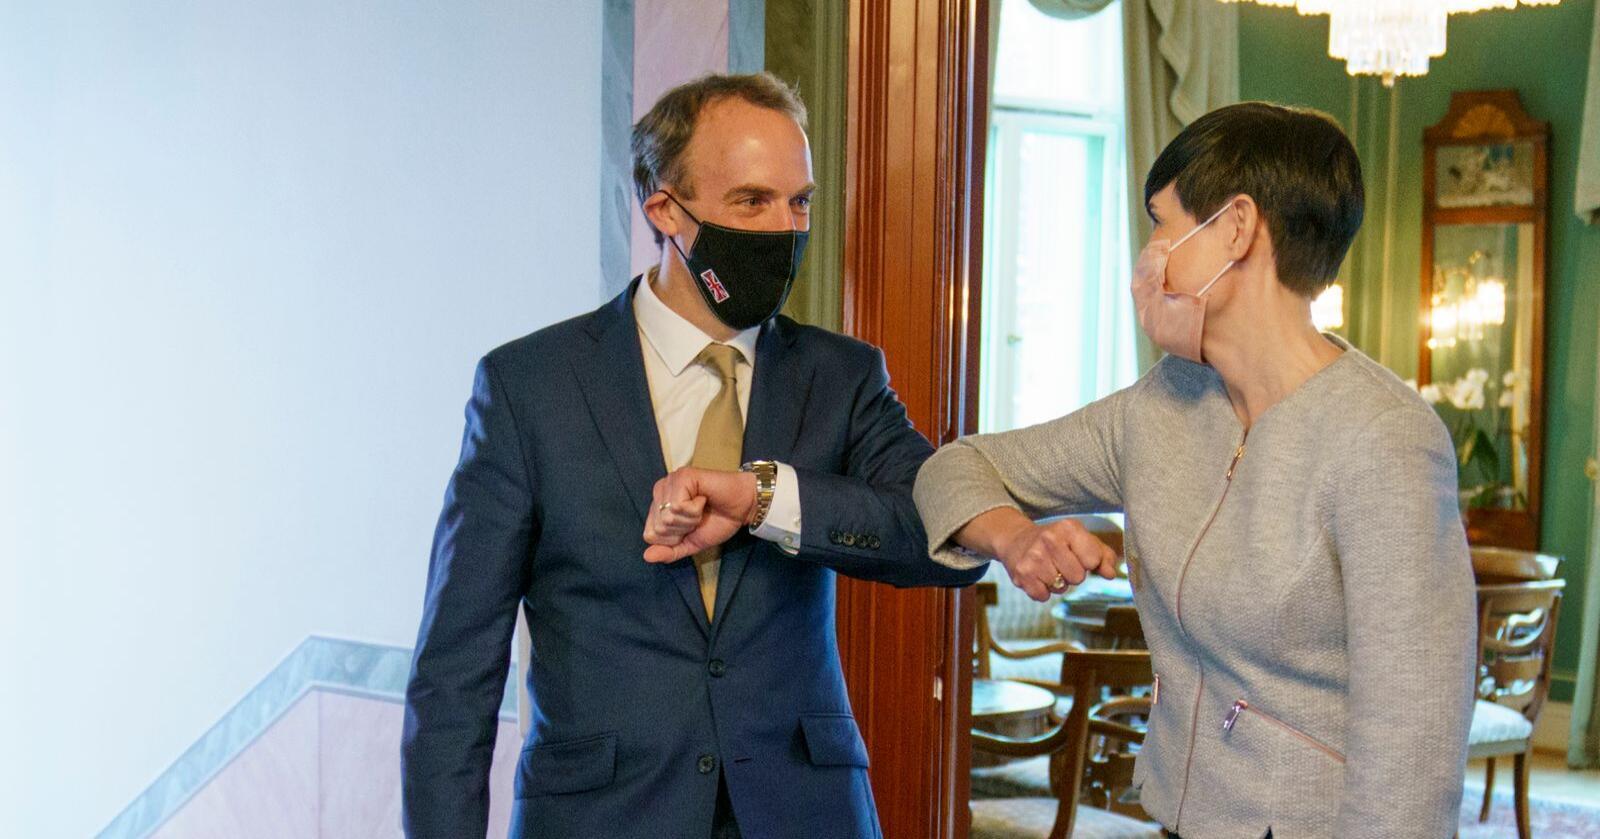 Utenriksminister Ine Eriksen Søreide møtte i mars Storbritannias utenriksminister Dominic Raab. Foto: Torstein Bøe / NTB